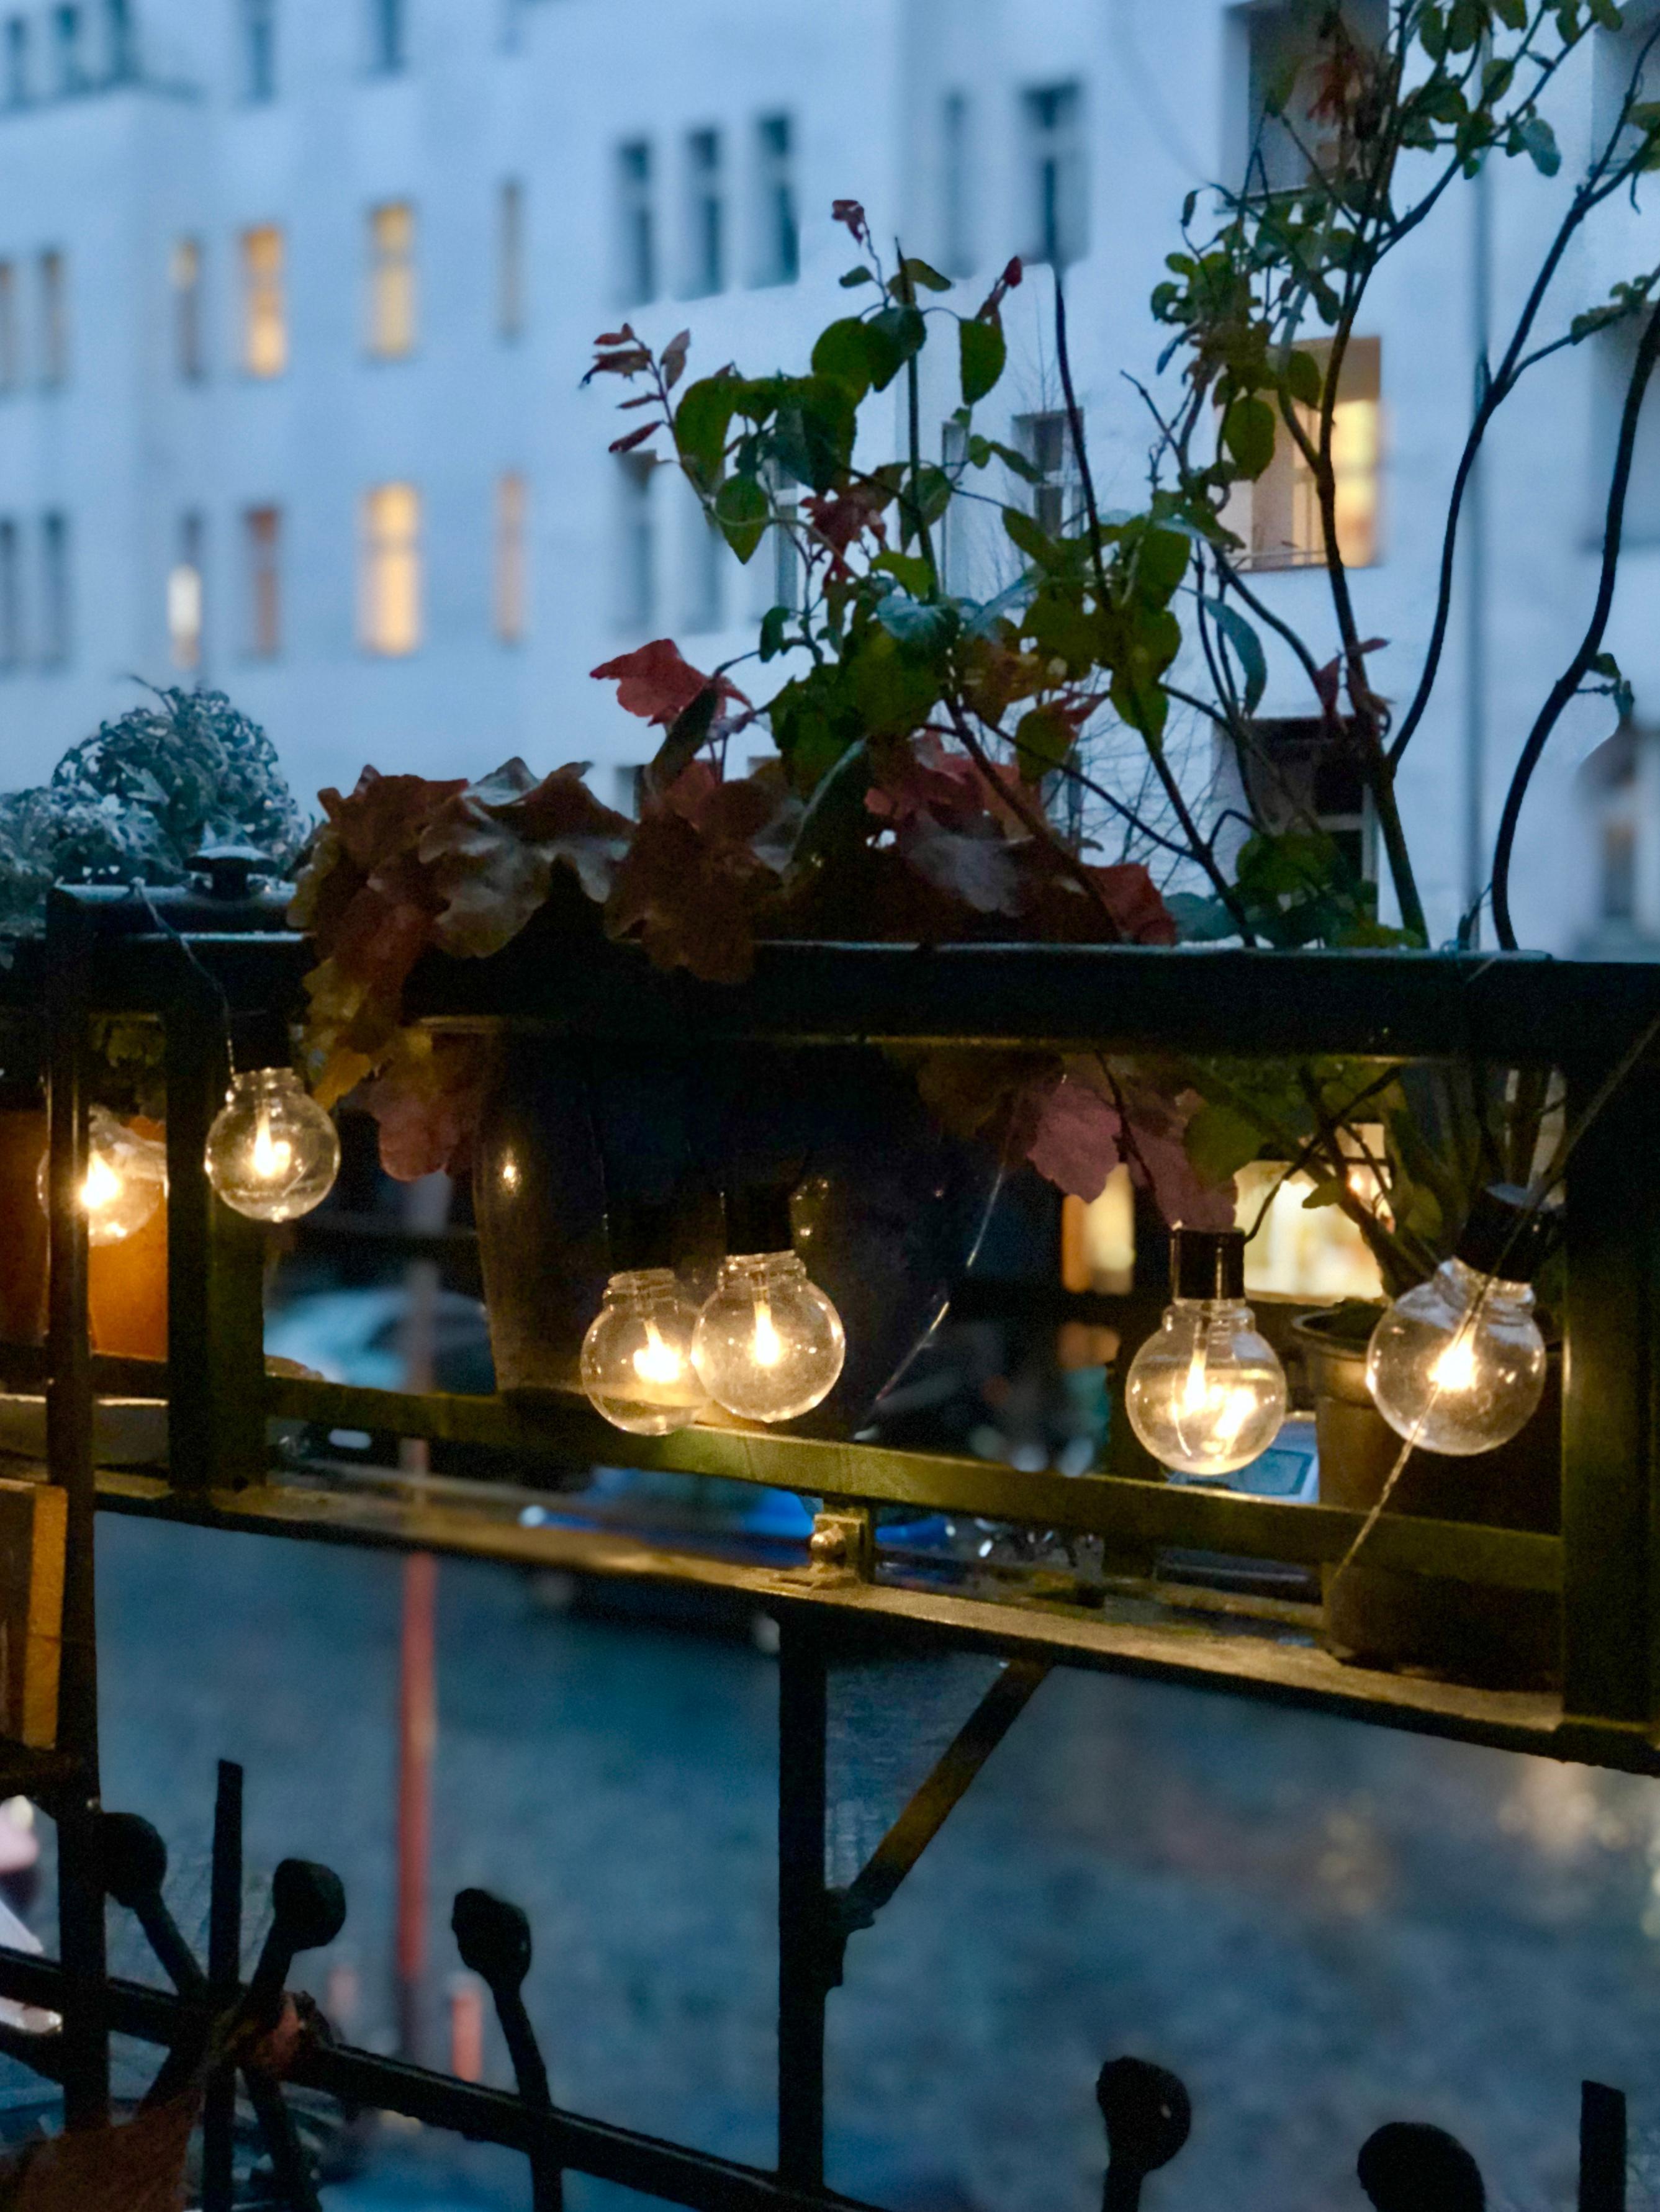 Balkon ideen so wird 39 s gem tlich im zweiten wohnzimmer - Winterdeko balkon ...